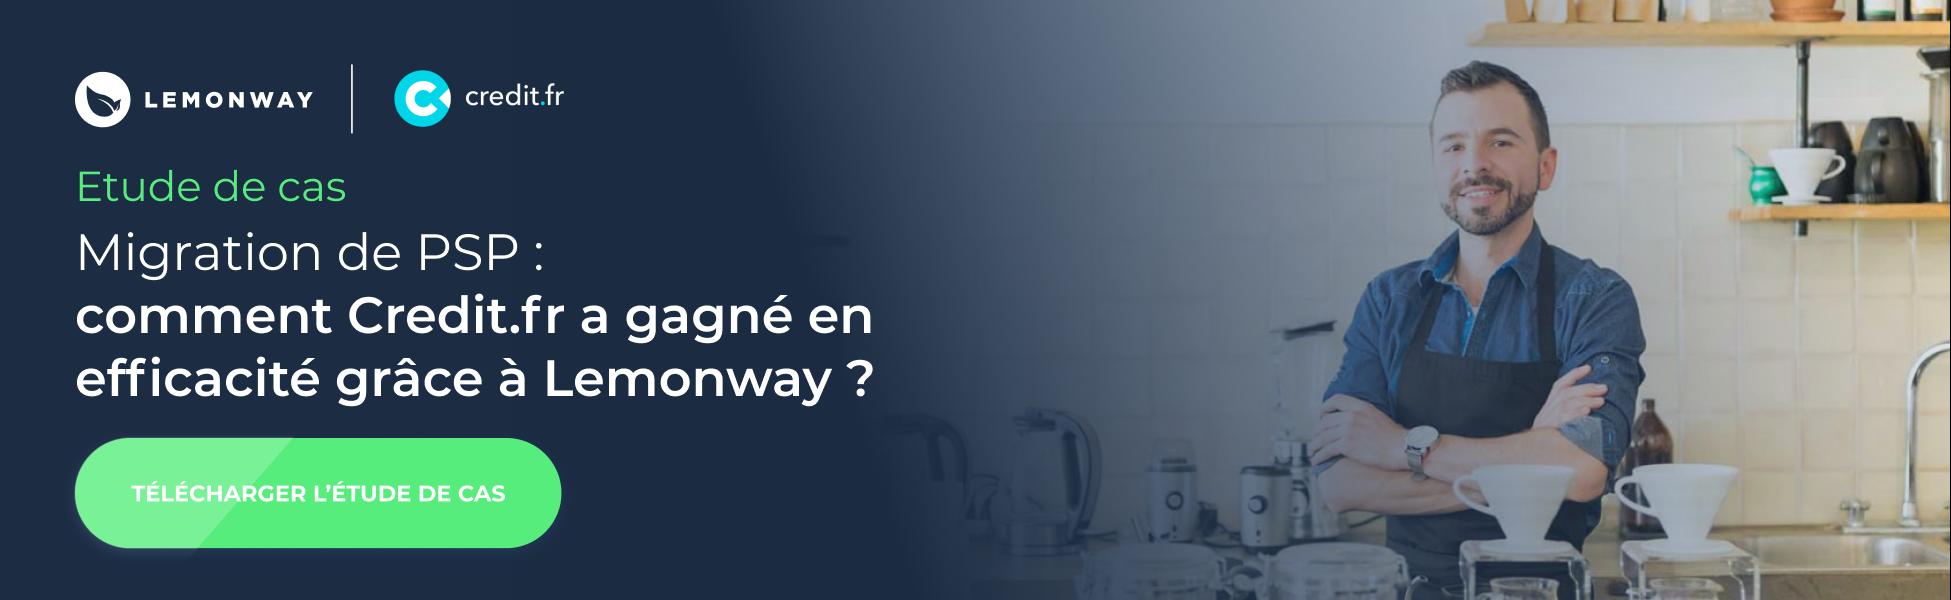 credit.fr et lemonway - Migration de PSP